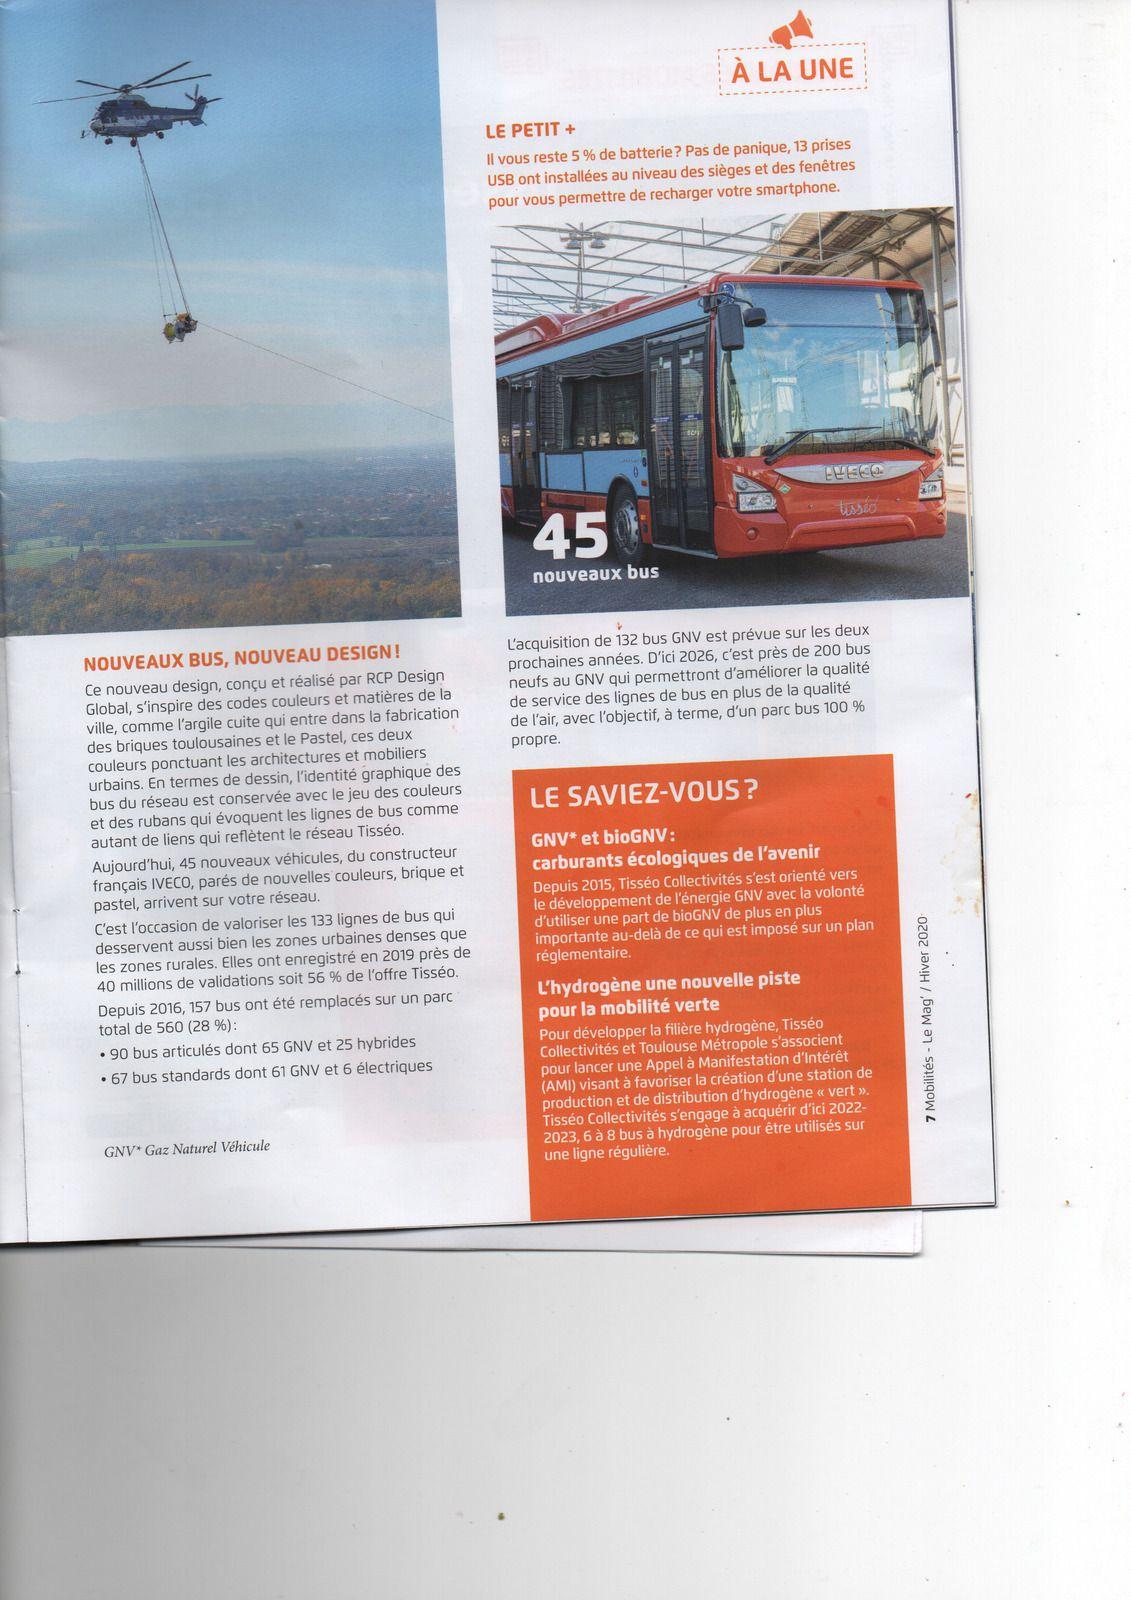 A Toulouse, ça roule pour TISSEO avec les bus au GNV et bientôt à l'Hydrogène